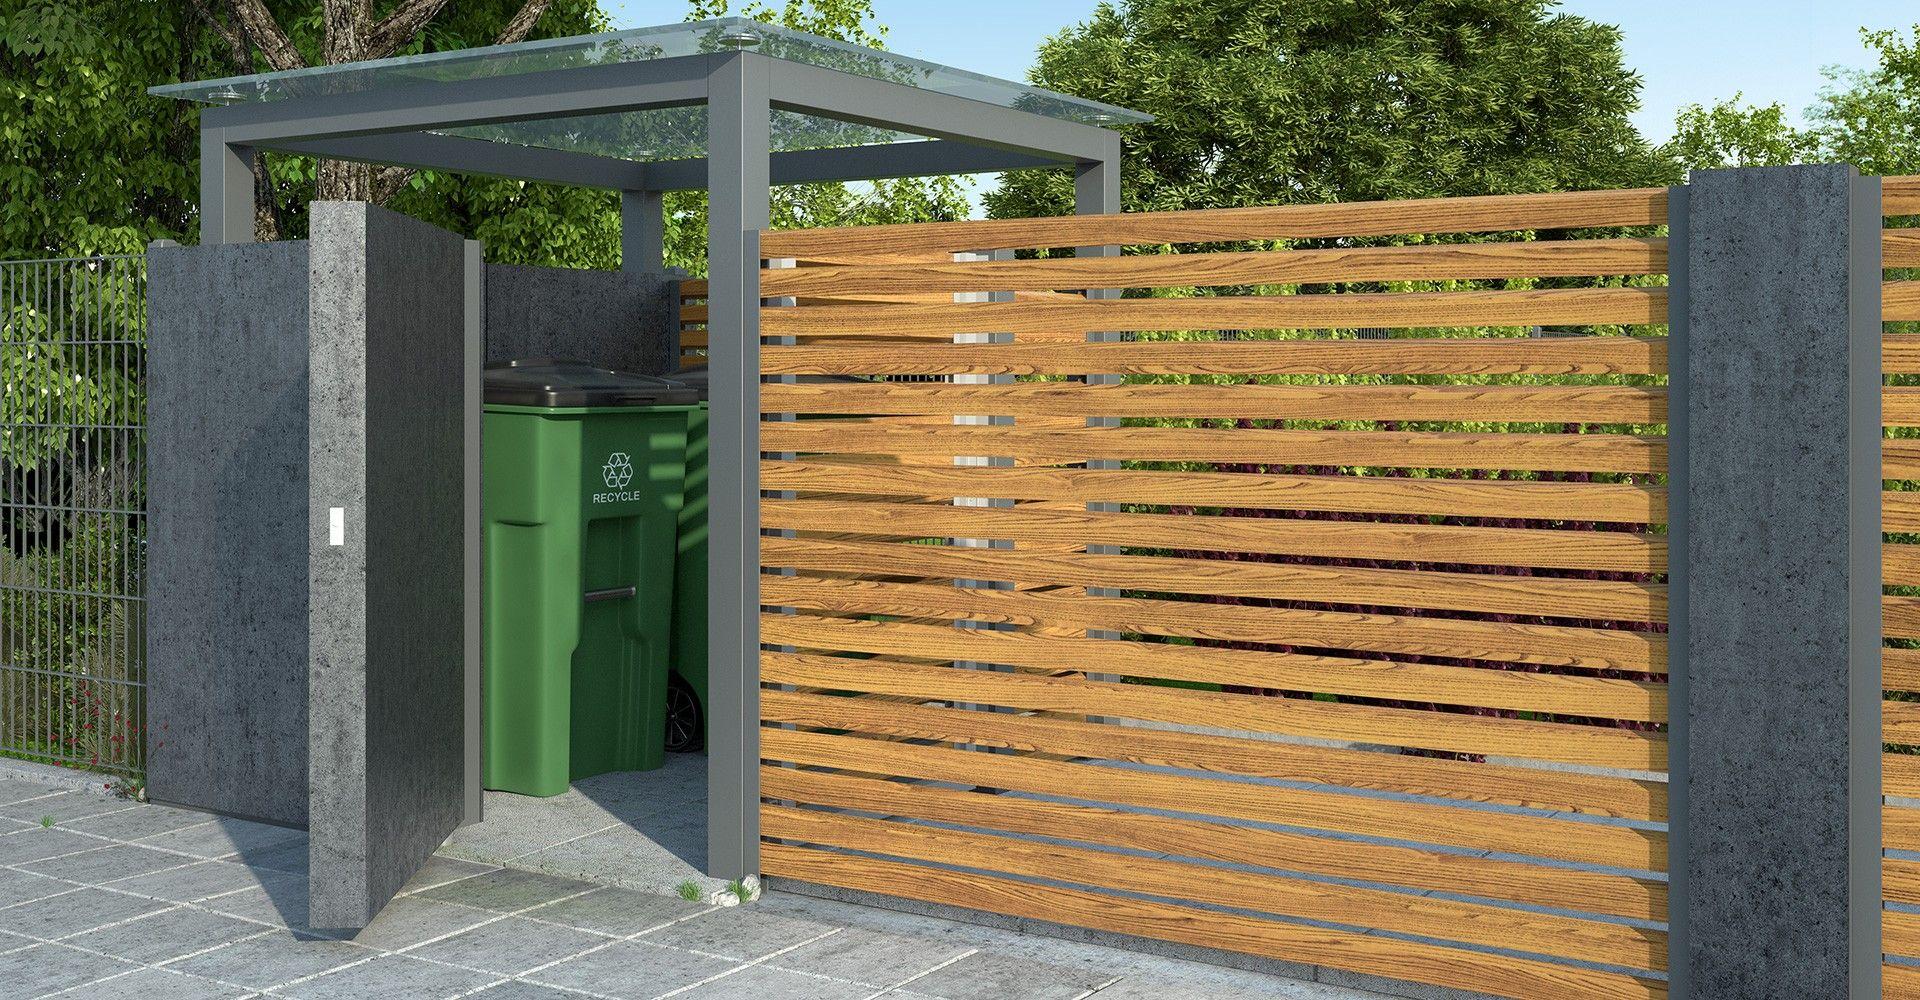 Wspaniały Znalezione obrazy dla zapytania nowoczesne ogrodzenie zadaszenie UW97